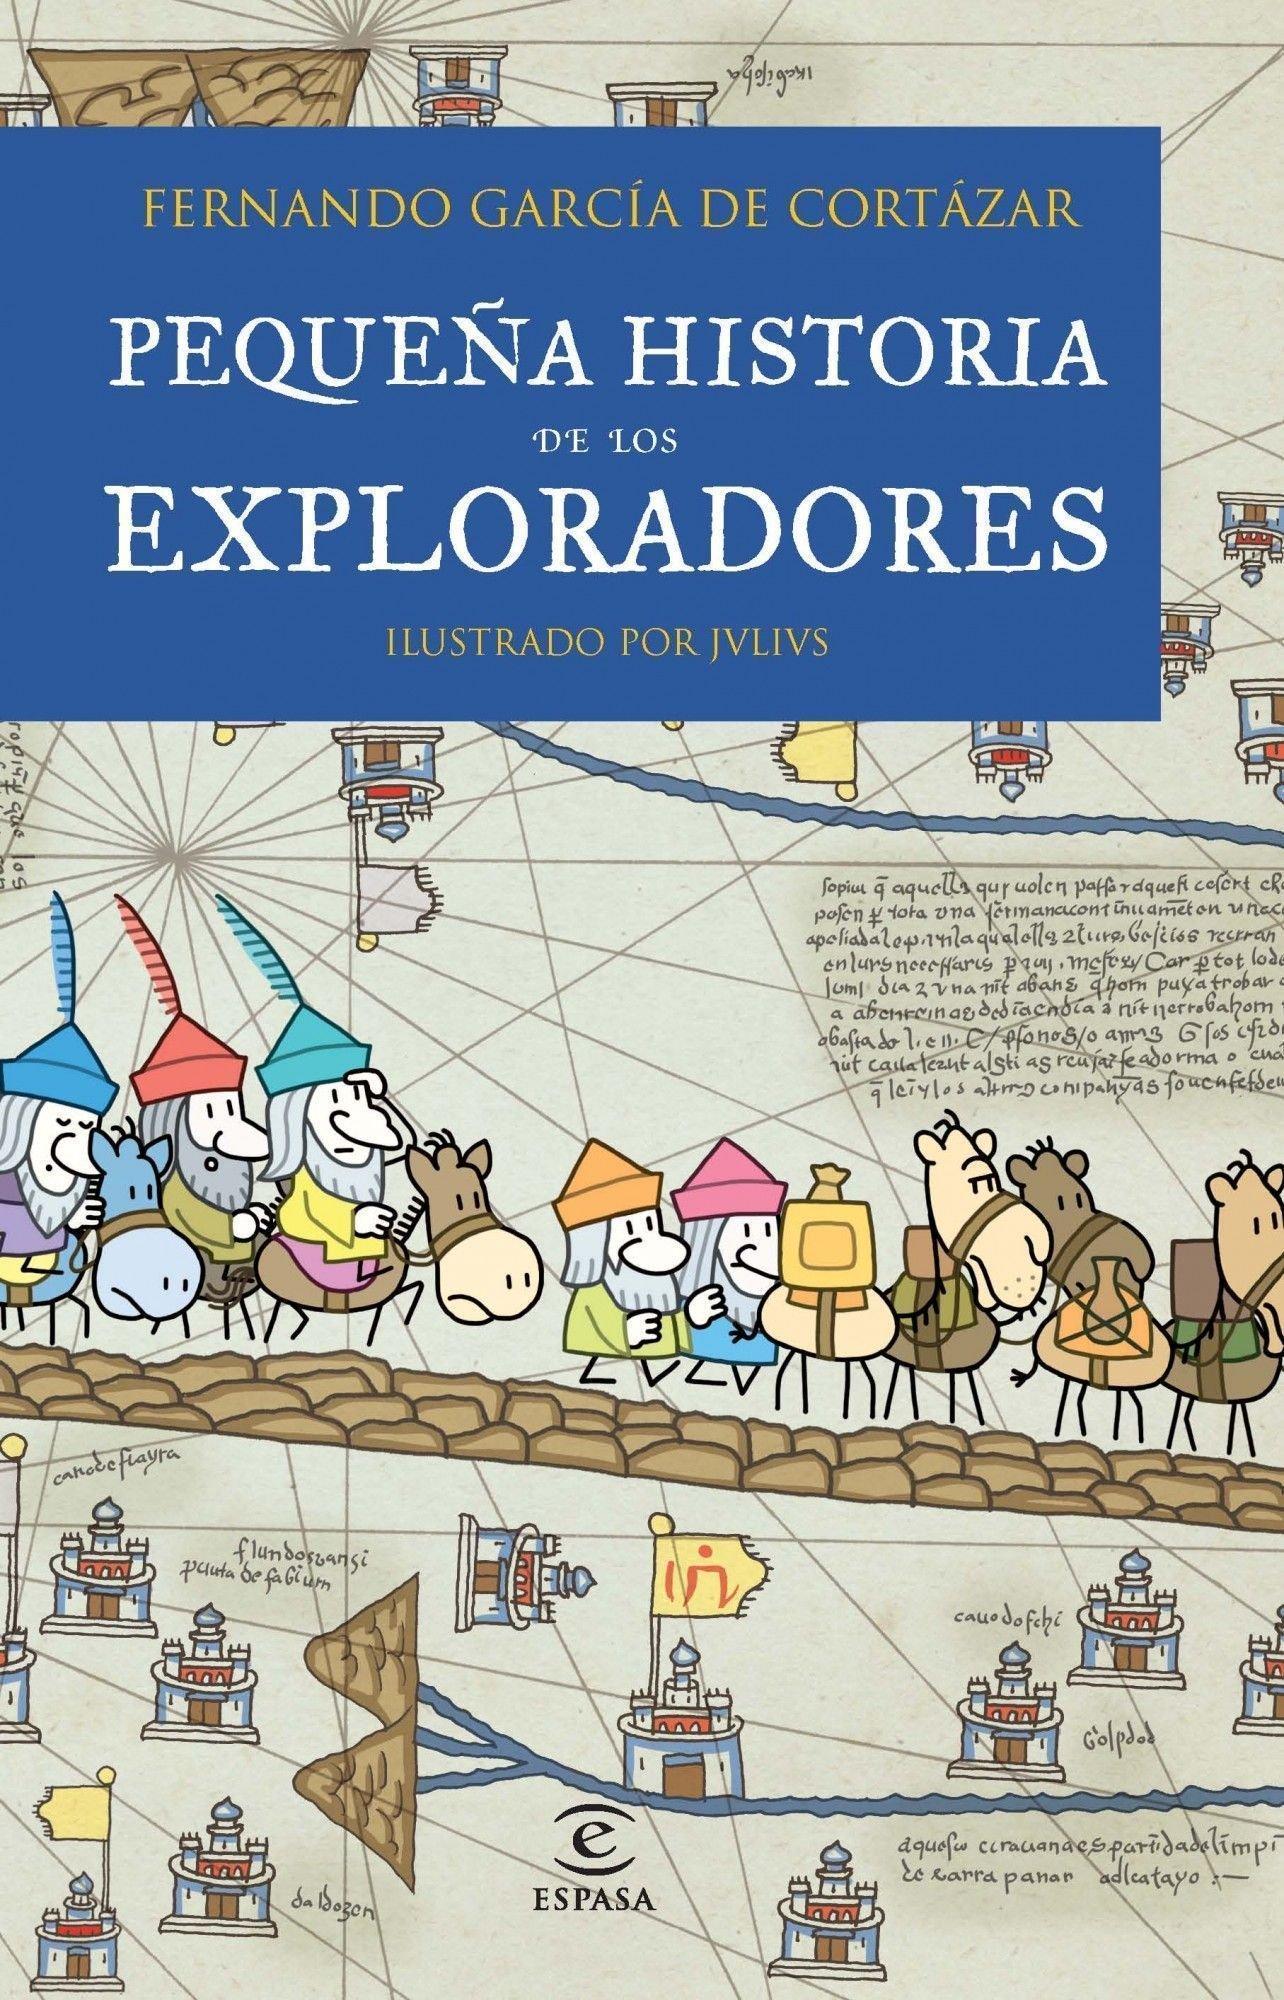 Pequeña historia de los exploradores LIBROS INFANTILES Y JUVENILES: Amazon.es: Fernando García de Cortázar: Libros